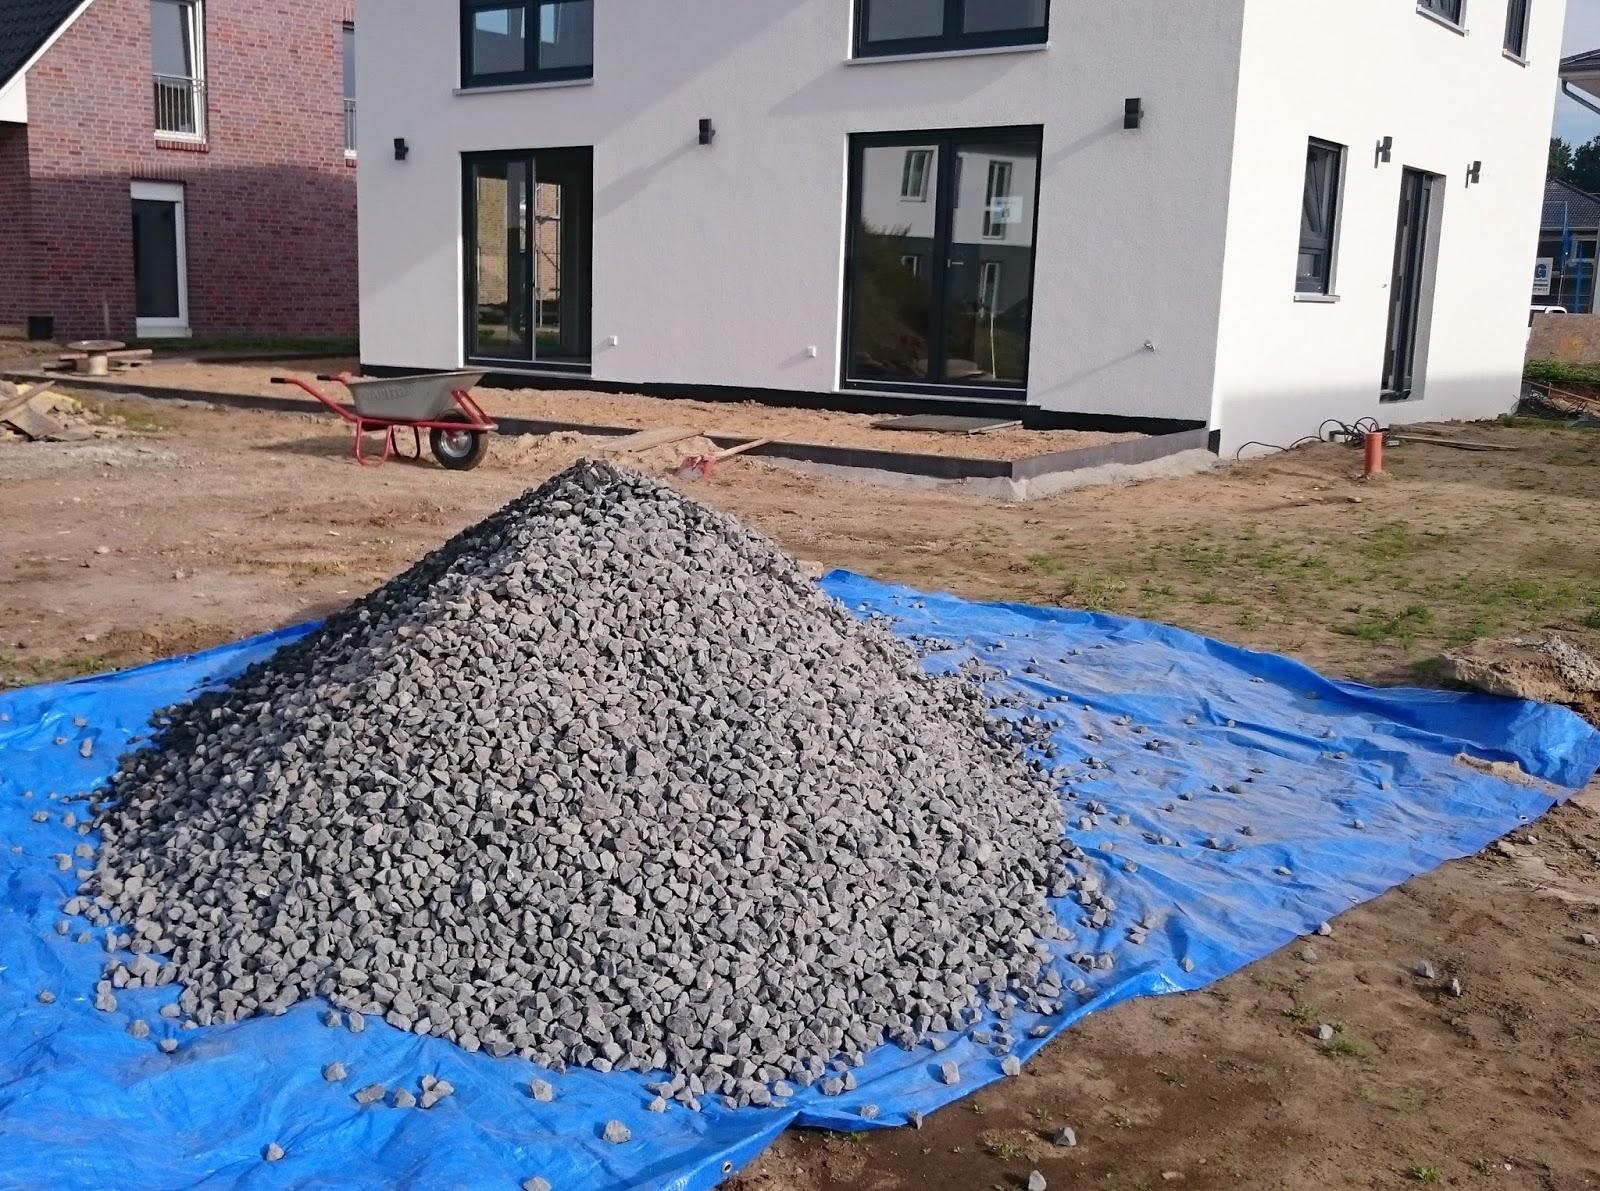 Stadtvilla in elmenhorst splitt r ttler und entw sserung f r die terrasse for Loungemobel fur die terrasse